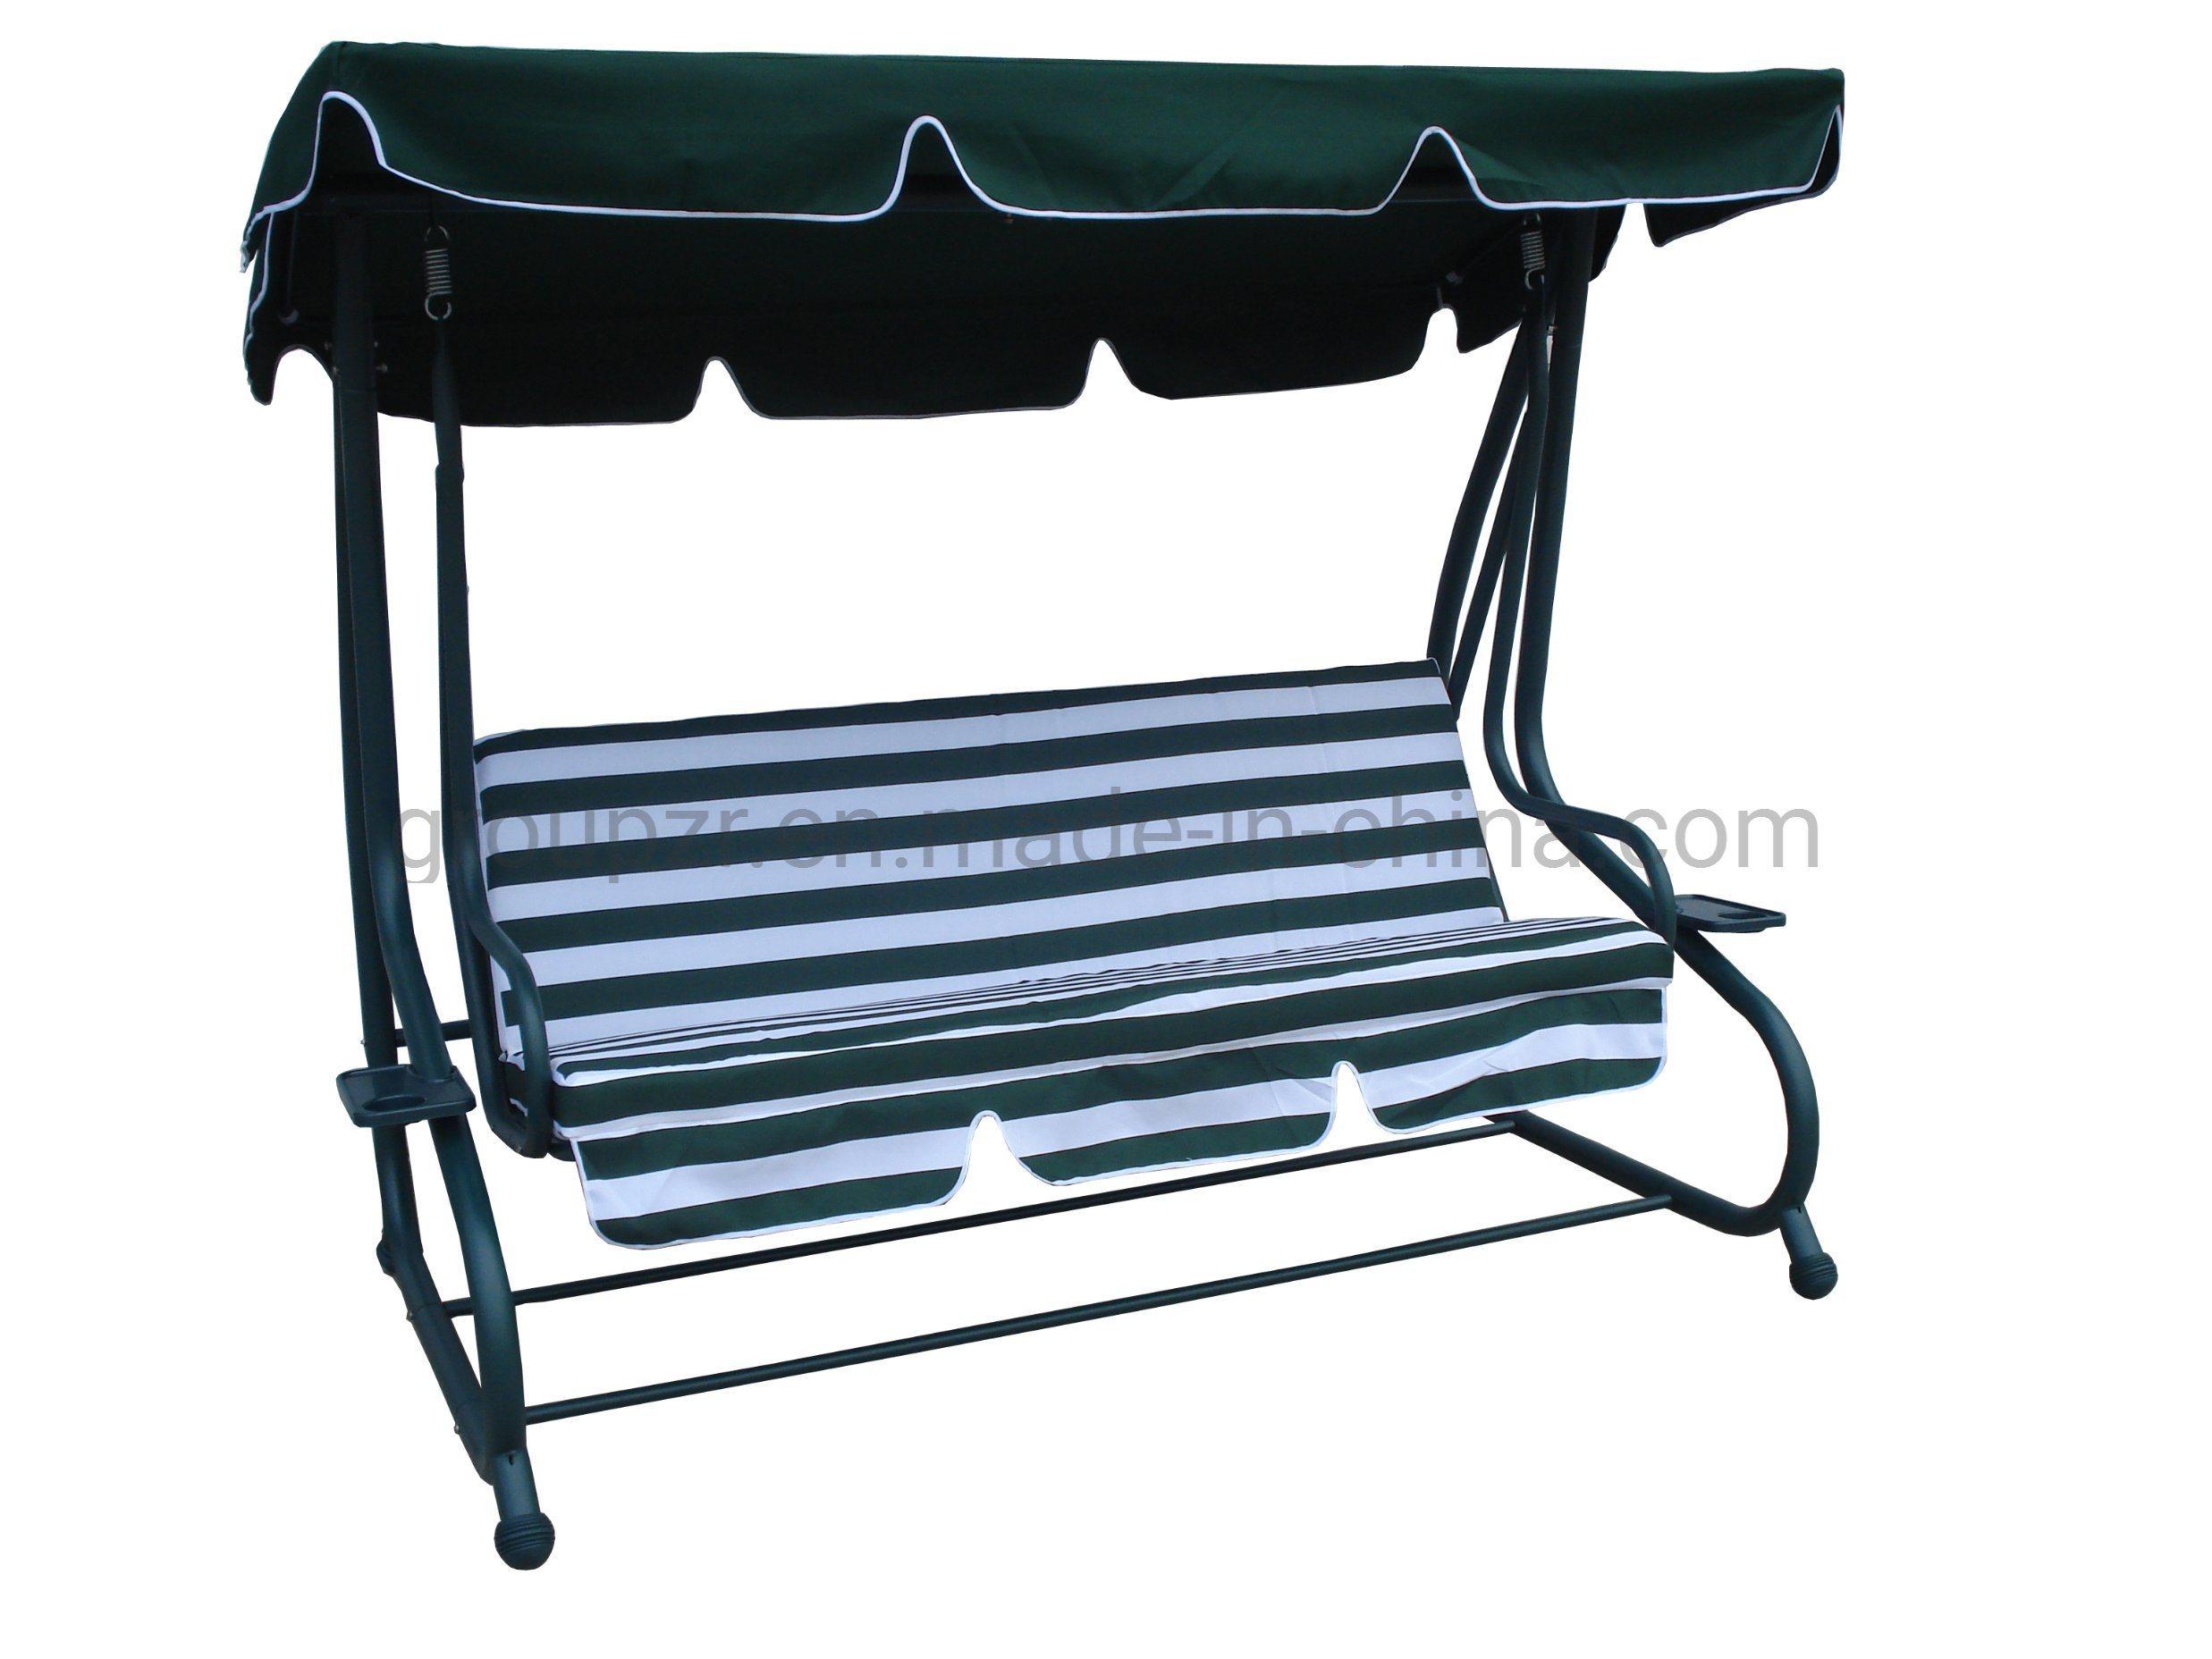 Hot Item Outdoor Garden Furniture Hammock Patio Deluxe Swing Chair Bed